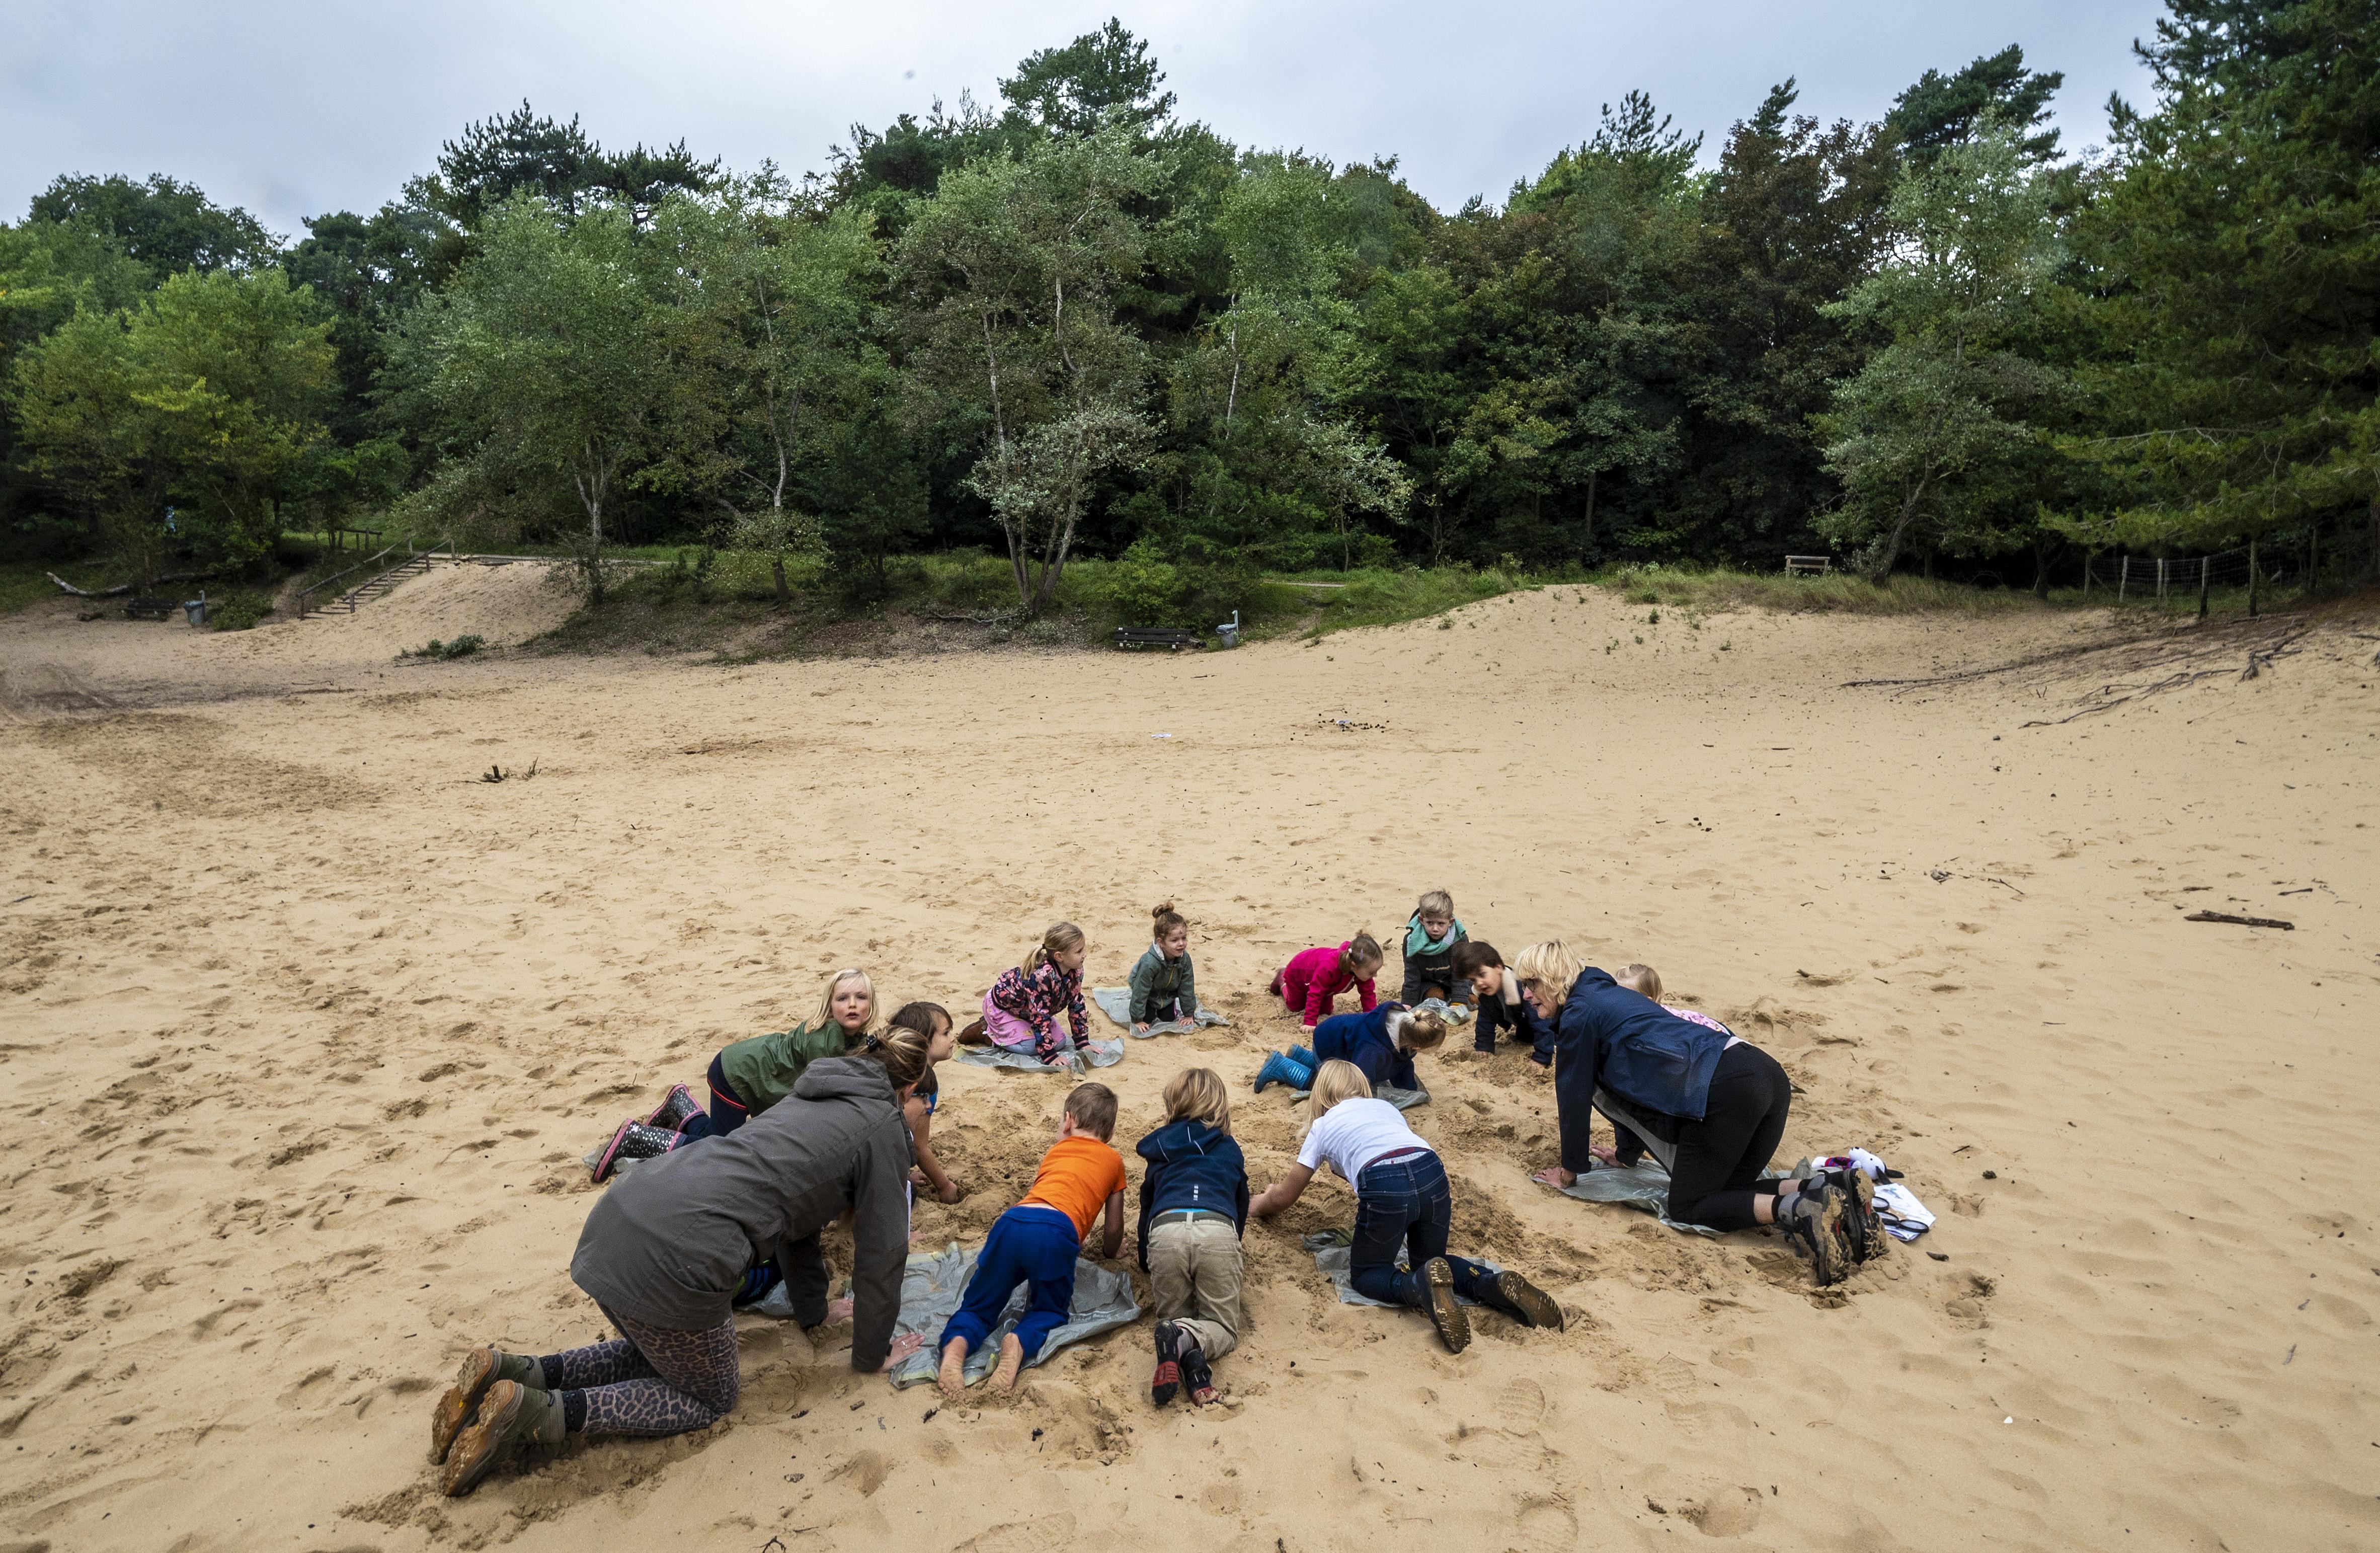 Bosdag basisschool De Schoolwerkplaats uit Santpoort-Noord: dierenvriendjesyoga, rupsen en van welk dier zijn die 'dropvormige' keutels toch?